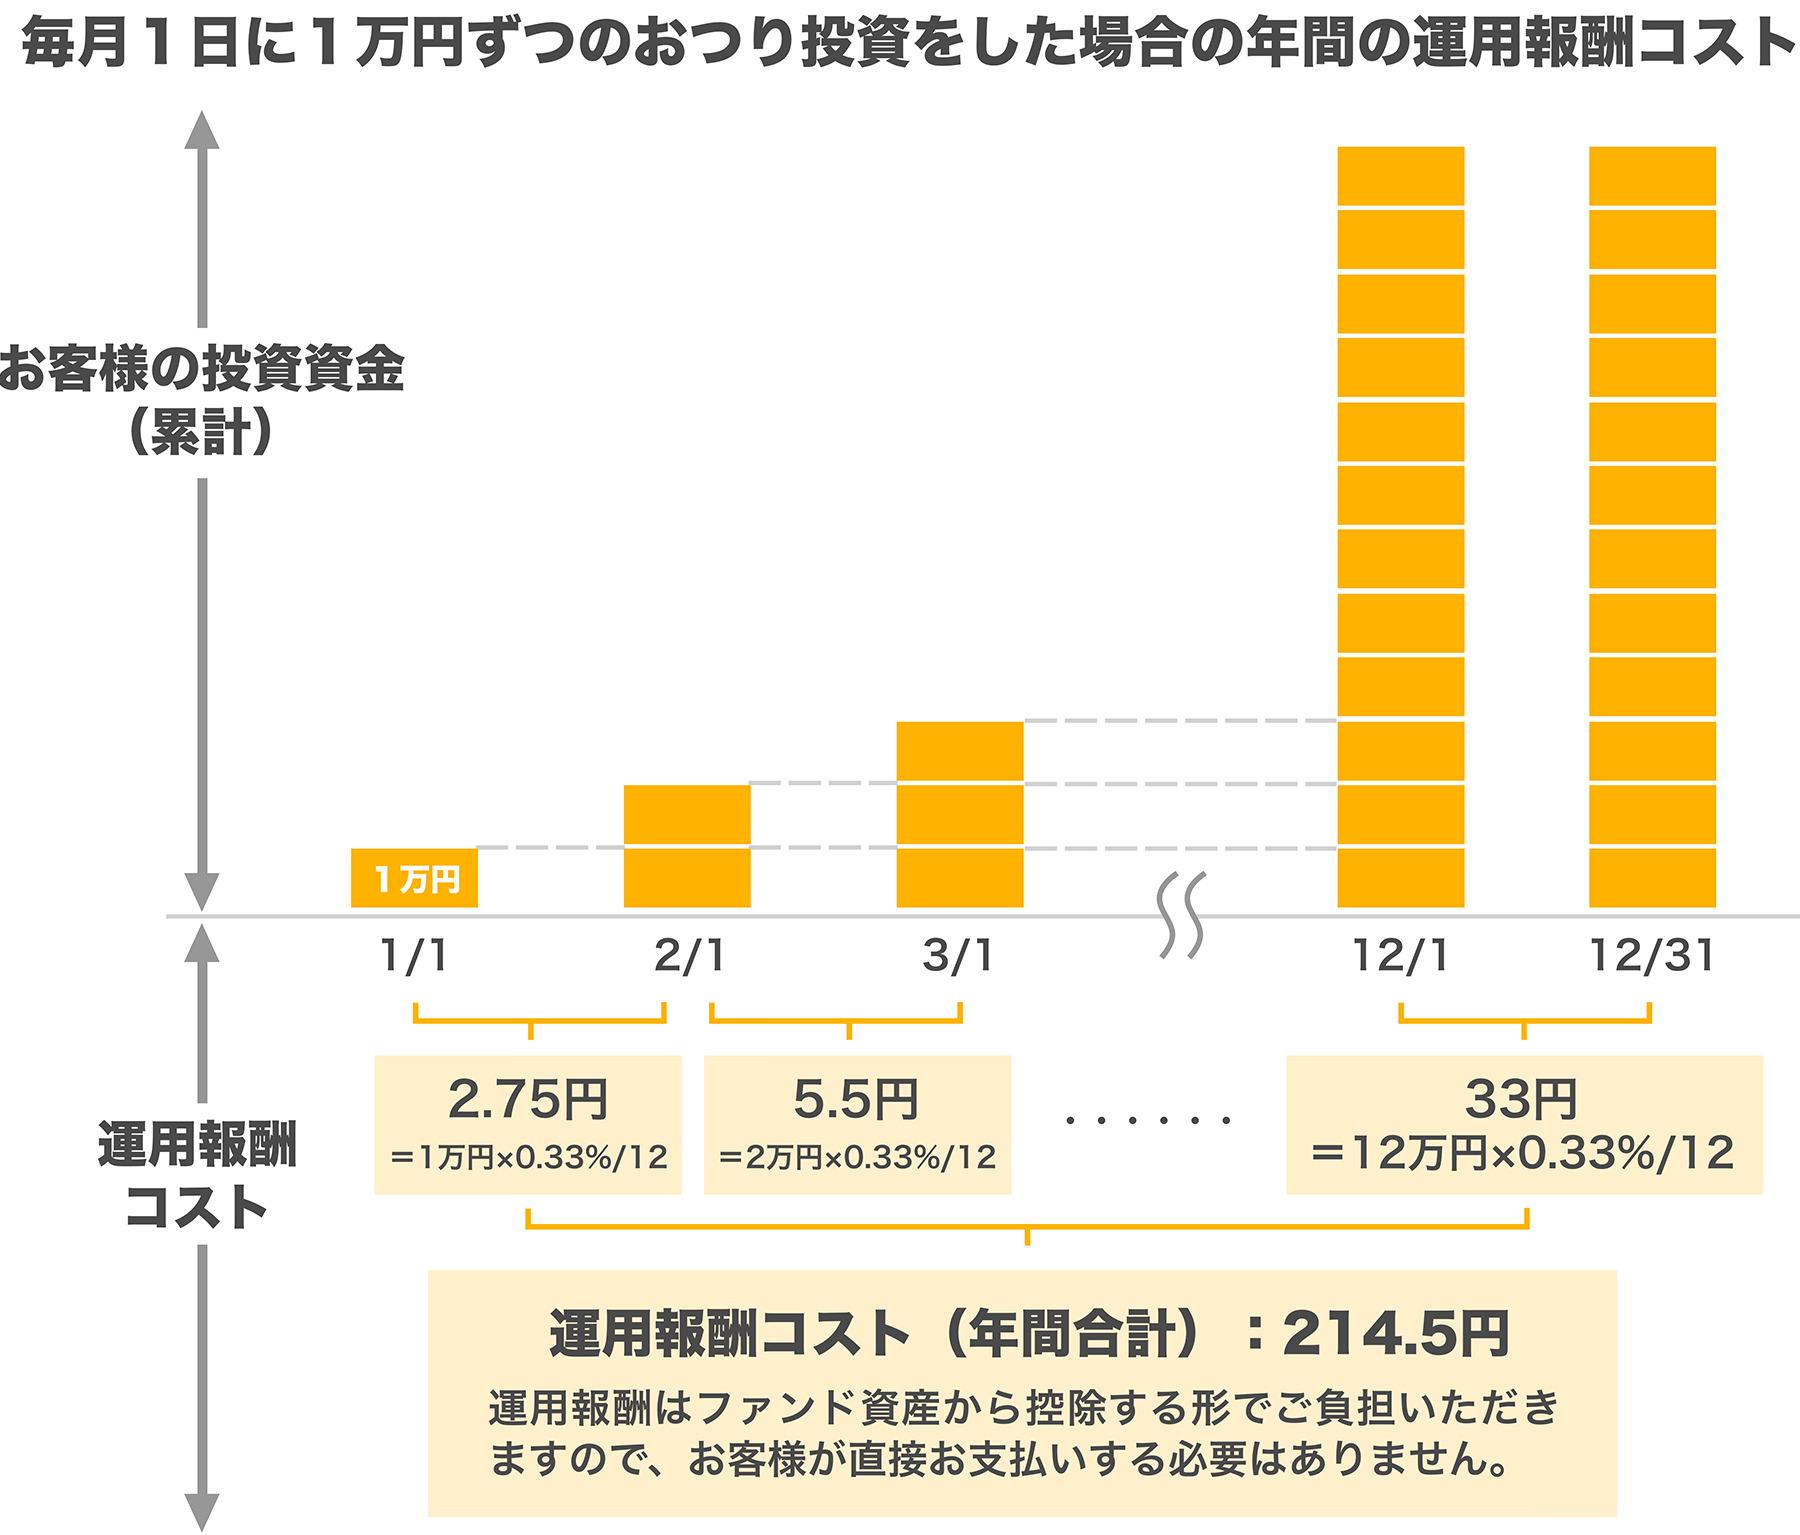 おつりで長期分散投資アプリ「トラノコ」年間の運用報酬額のイメージ